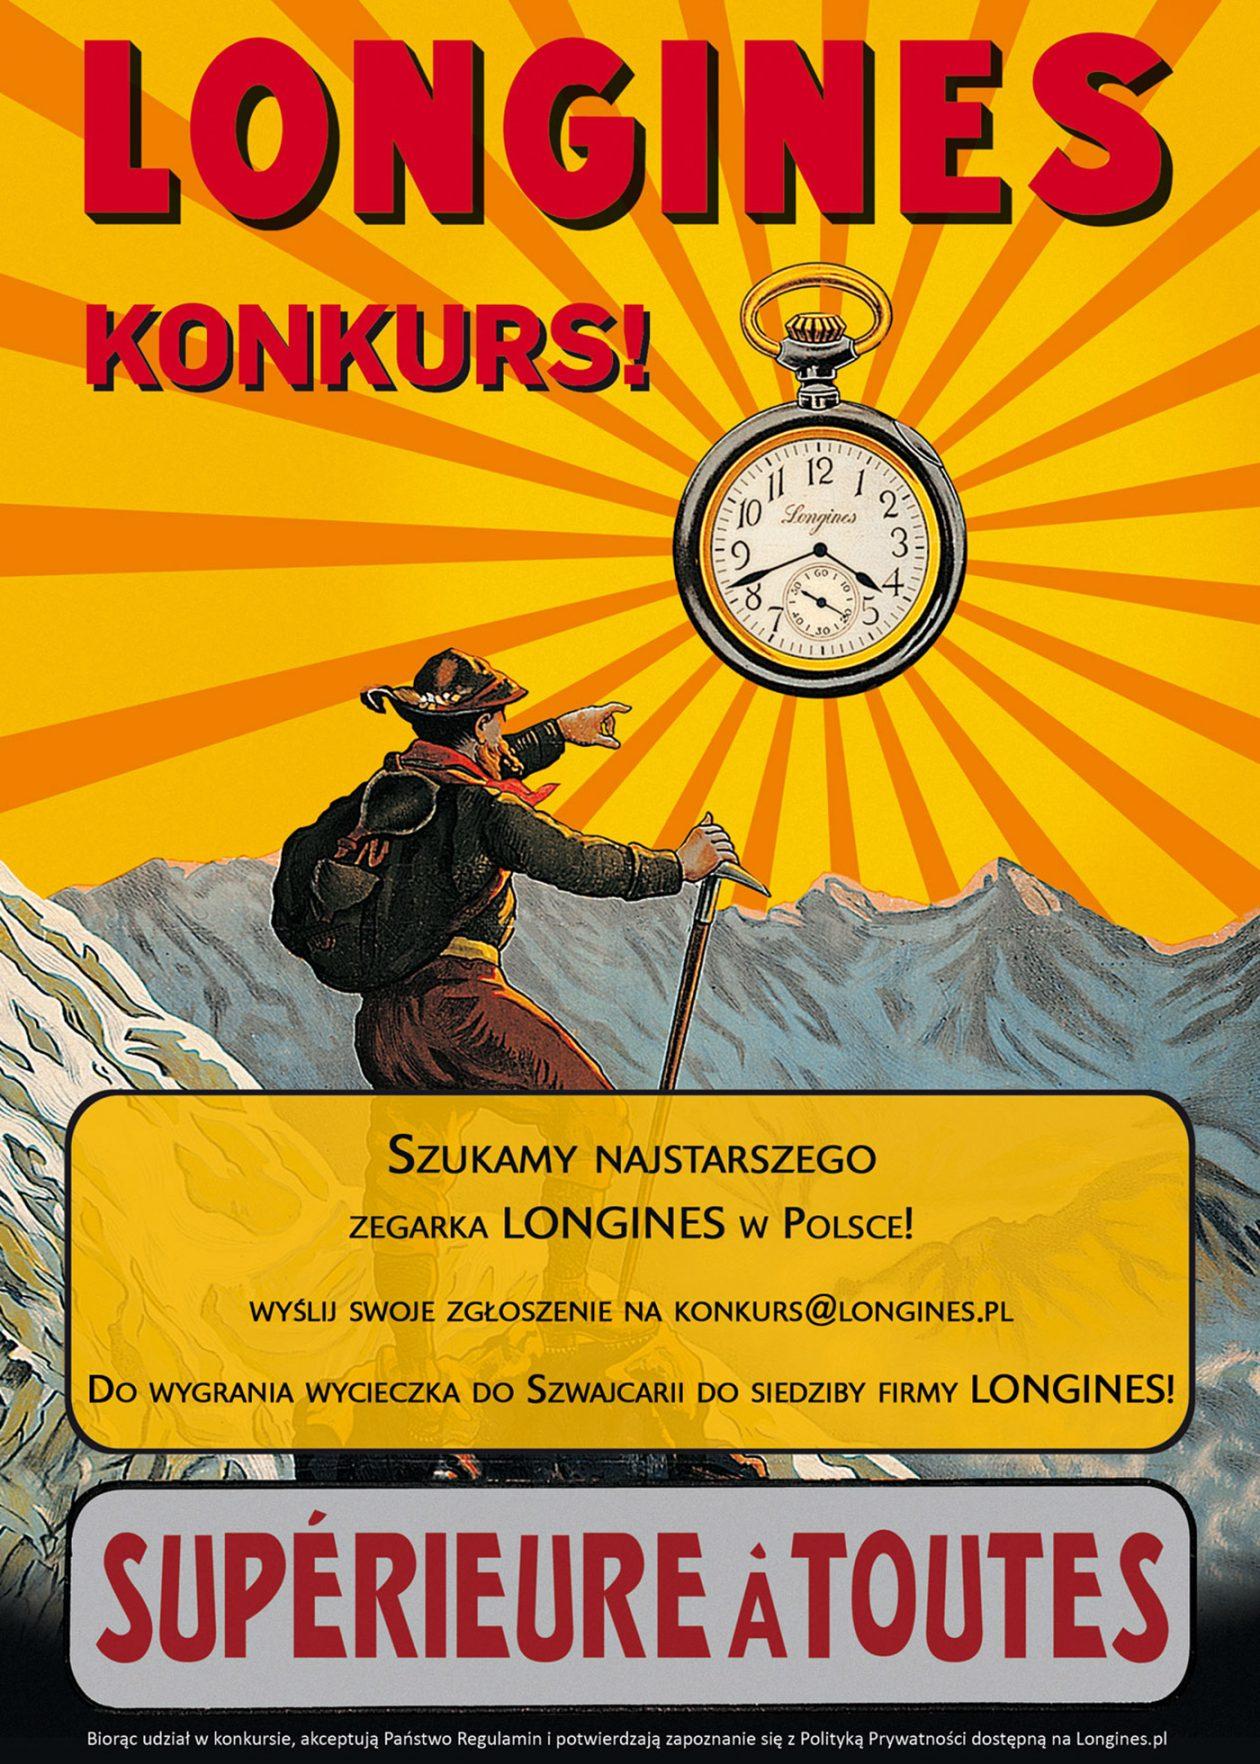 Longines poszukuje najstarszego zegarka w Polsce